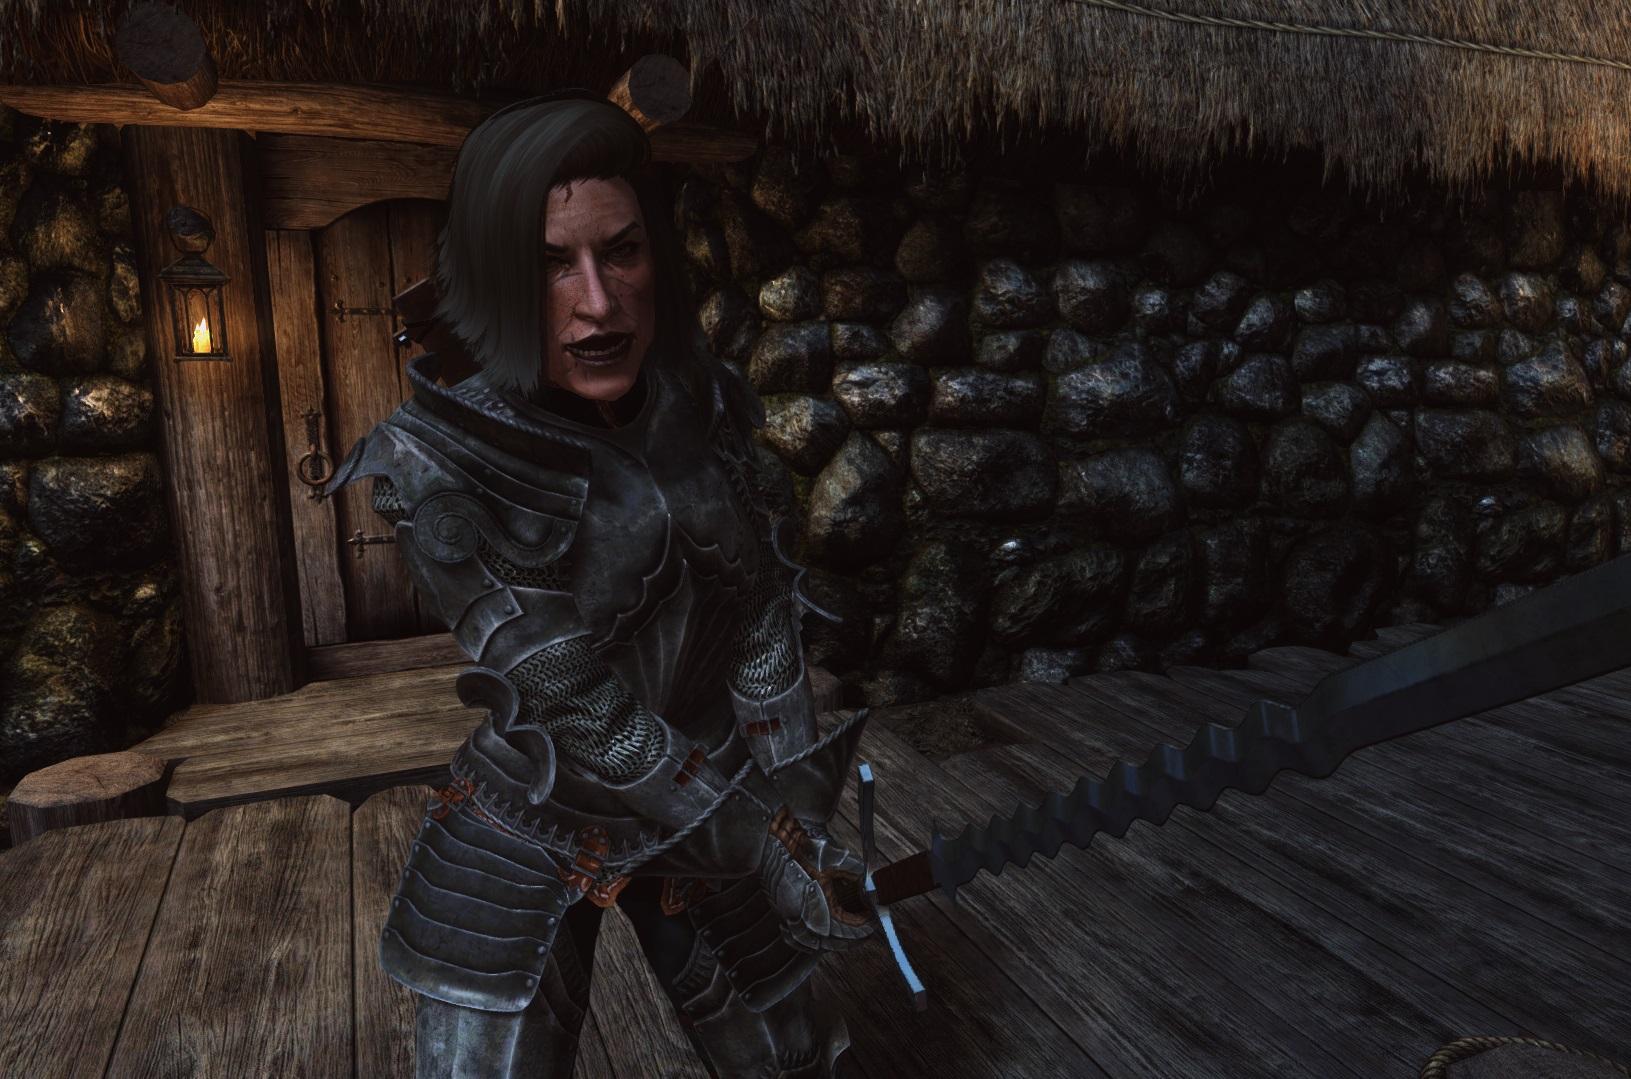 Как бы выглядела женщина воин в реальности скайрима. - Elder Scrolls 5: Skyrim, the